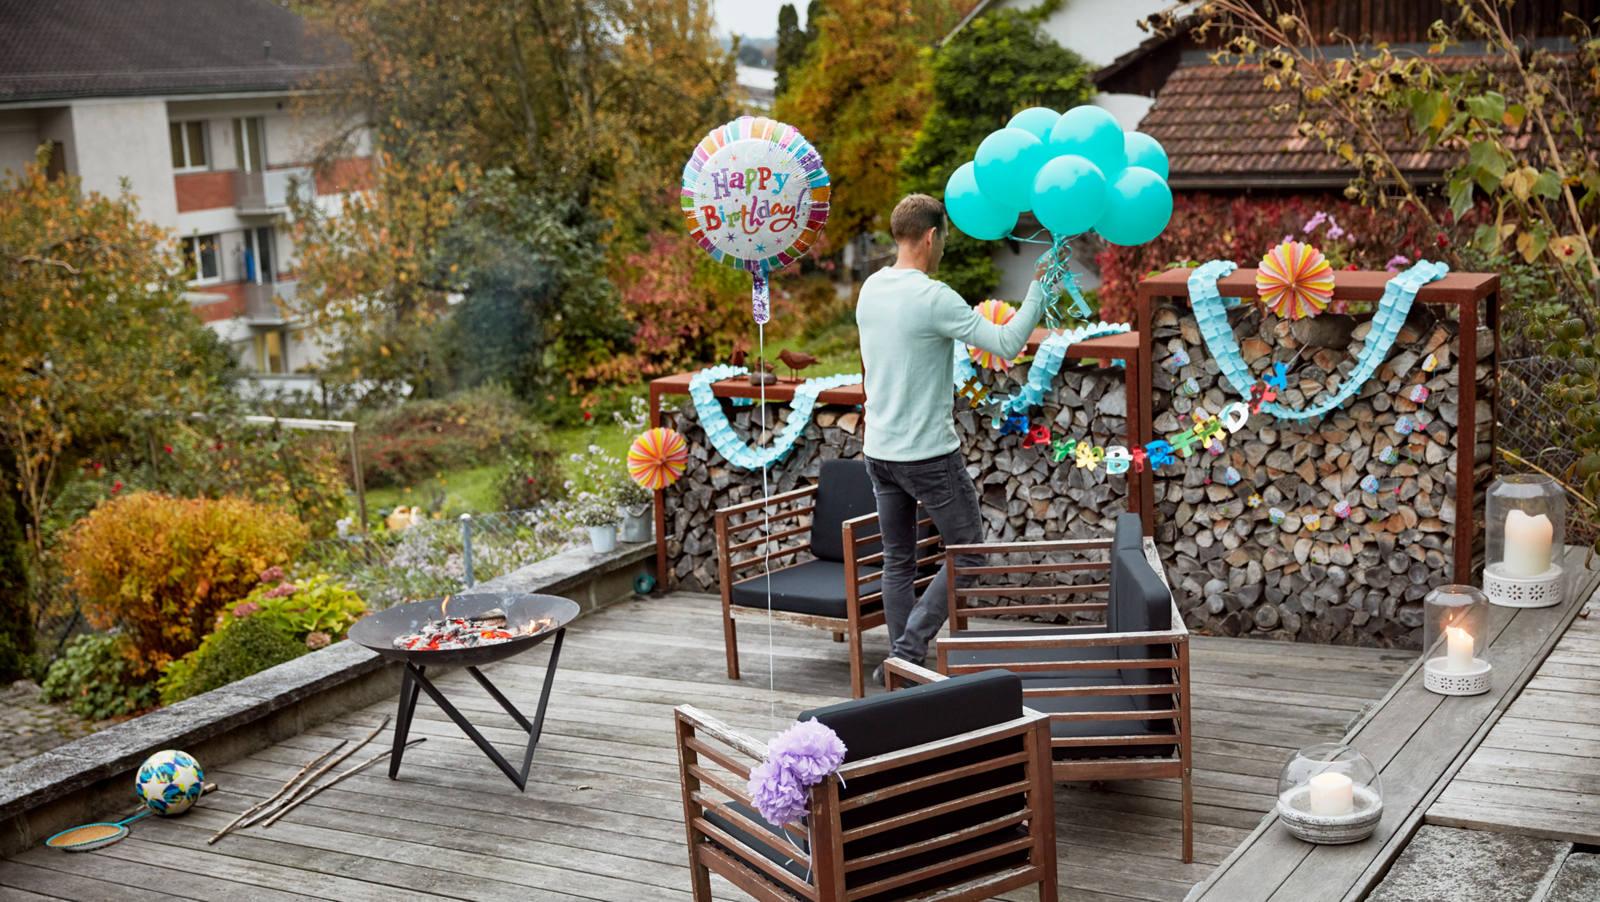 Mann dekoriert Terrasse für eine Geburtstag-Party